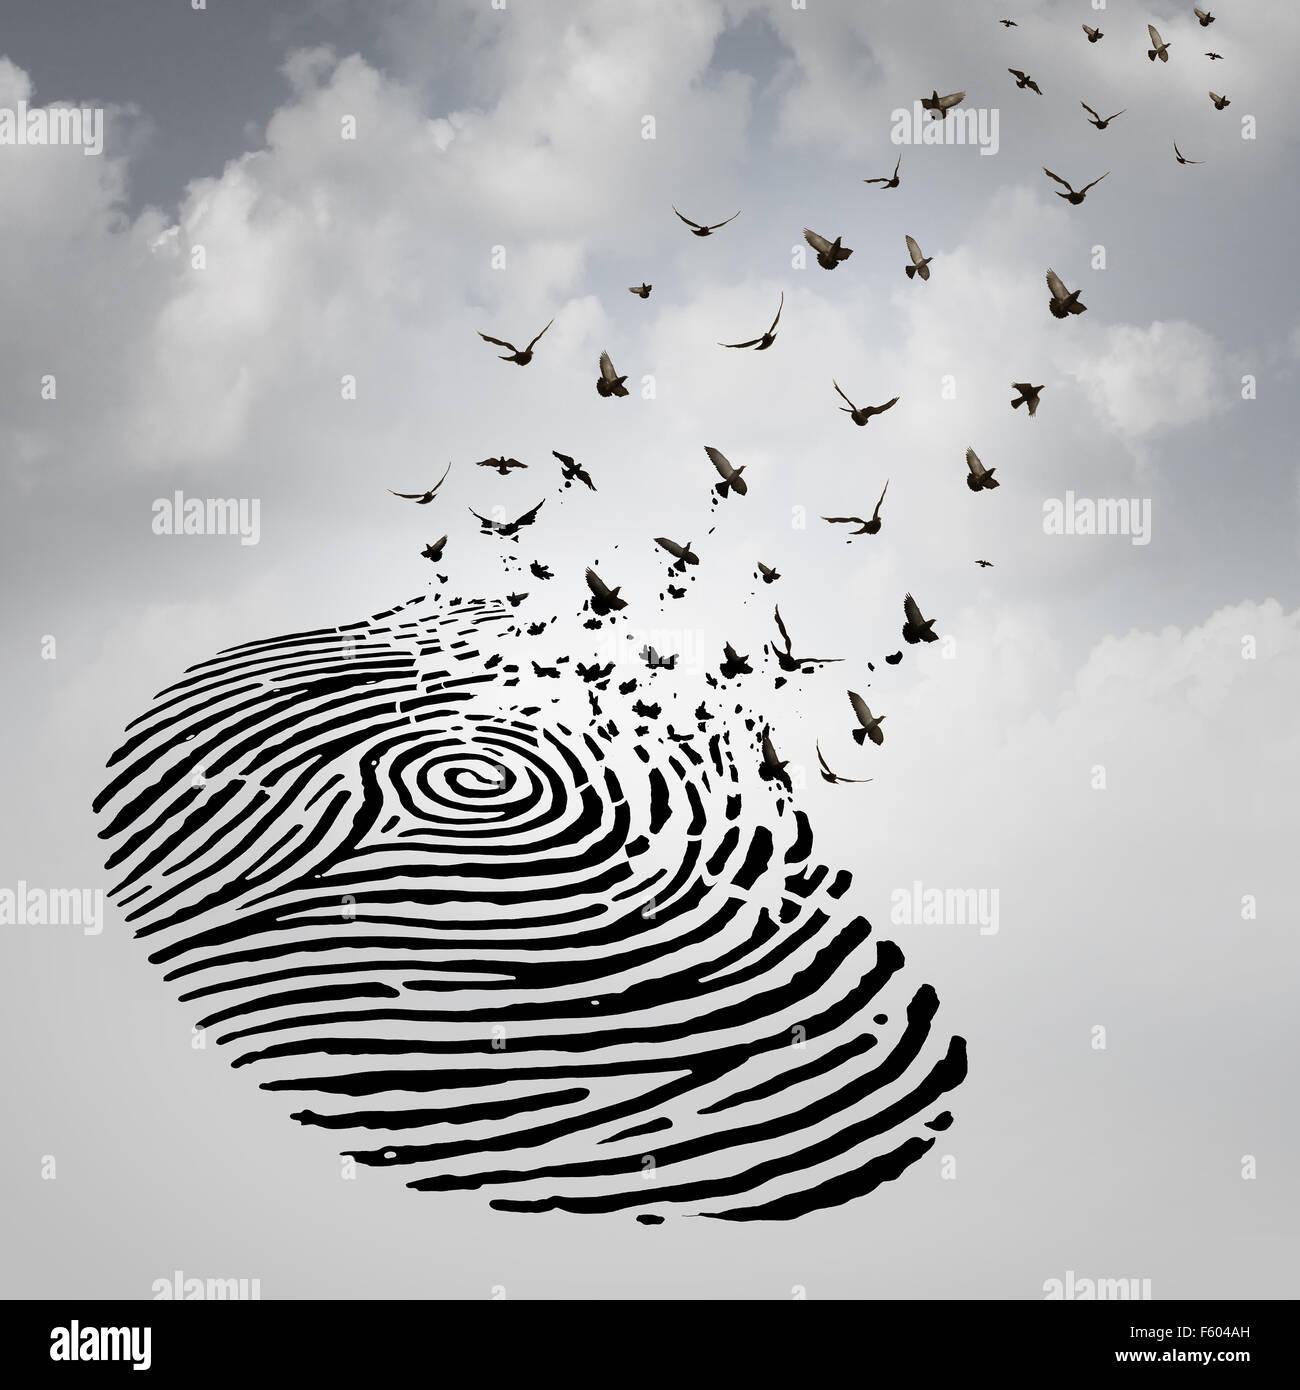 Identità concetto di libertà come una impronta digitale trasforma in uccelli in volo come una metafora Immagini Stock